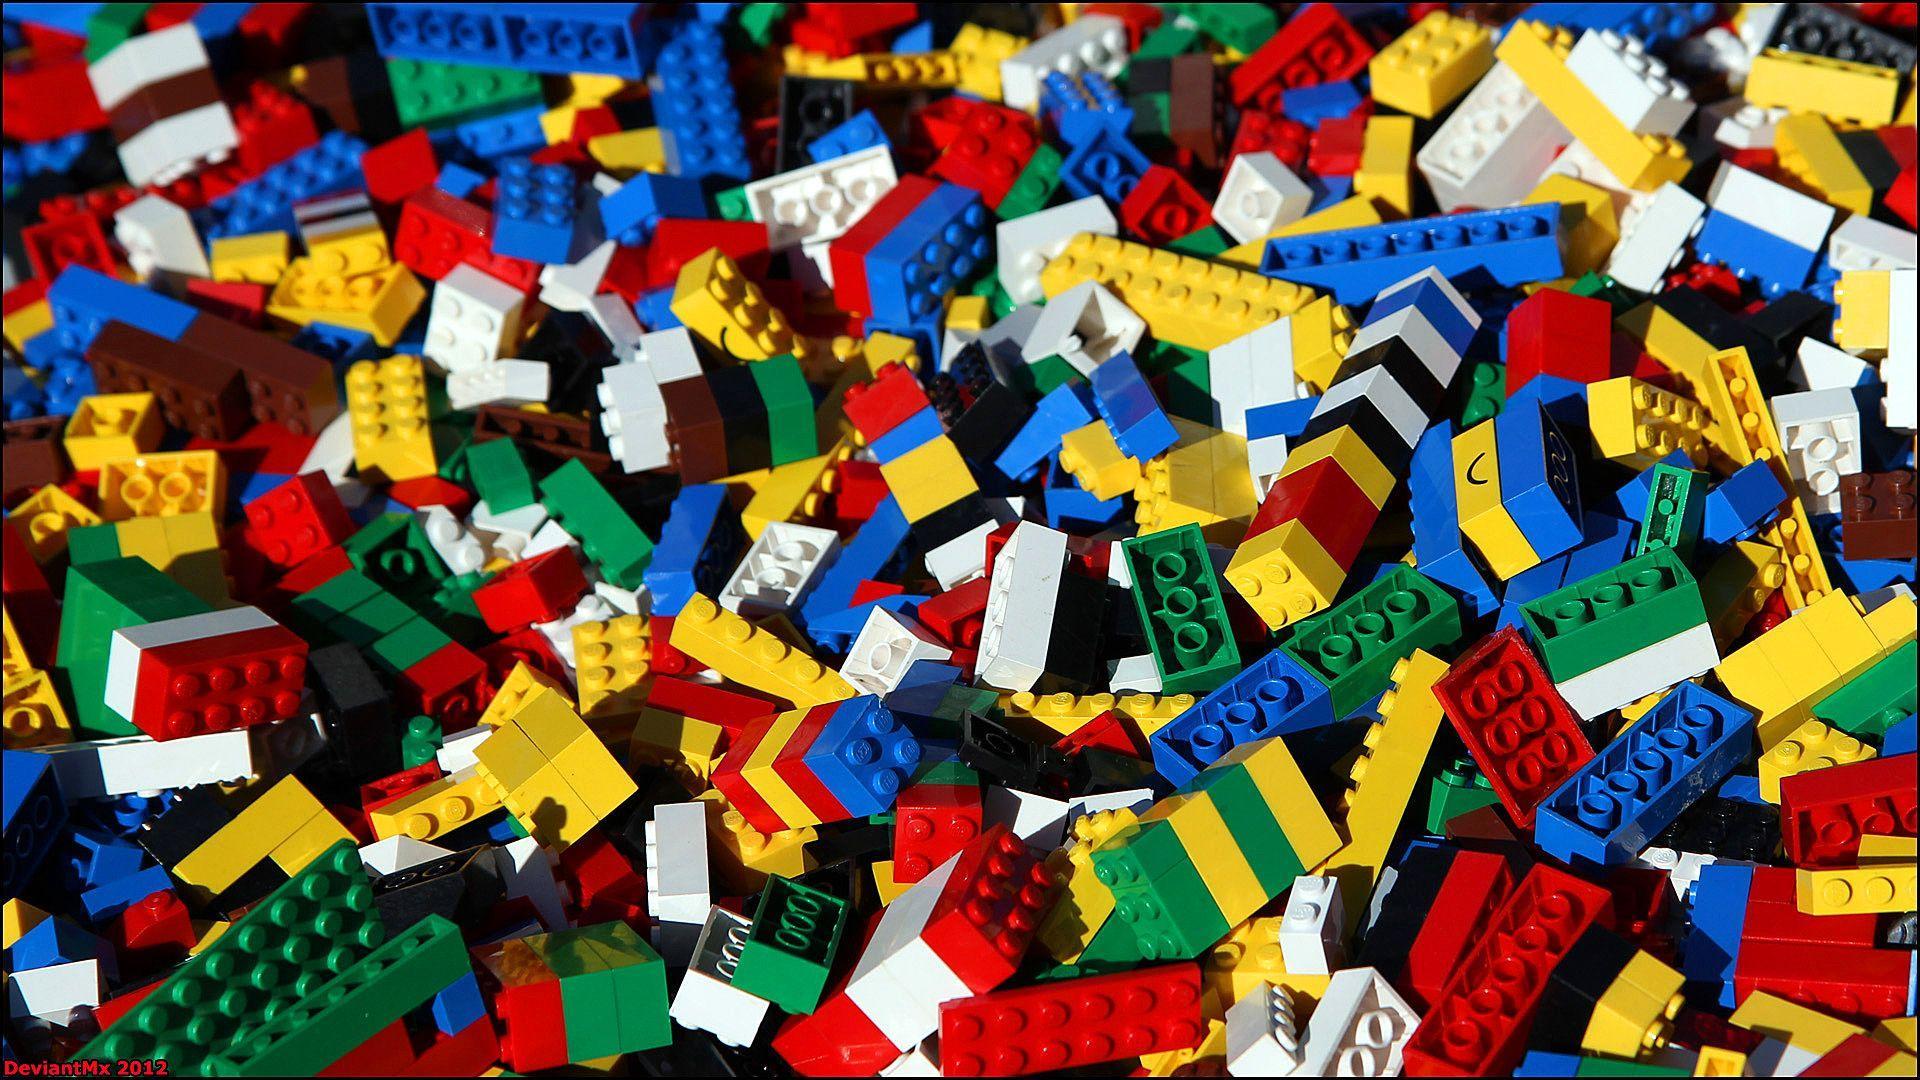 Lego κατασκευές με άμεση διαθεσιμότητα στο κατάστημα !